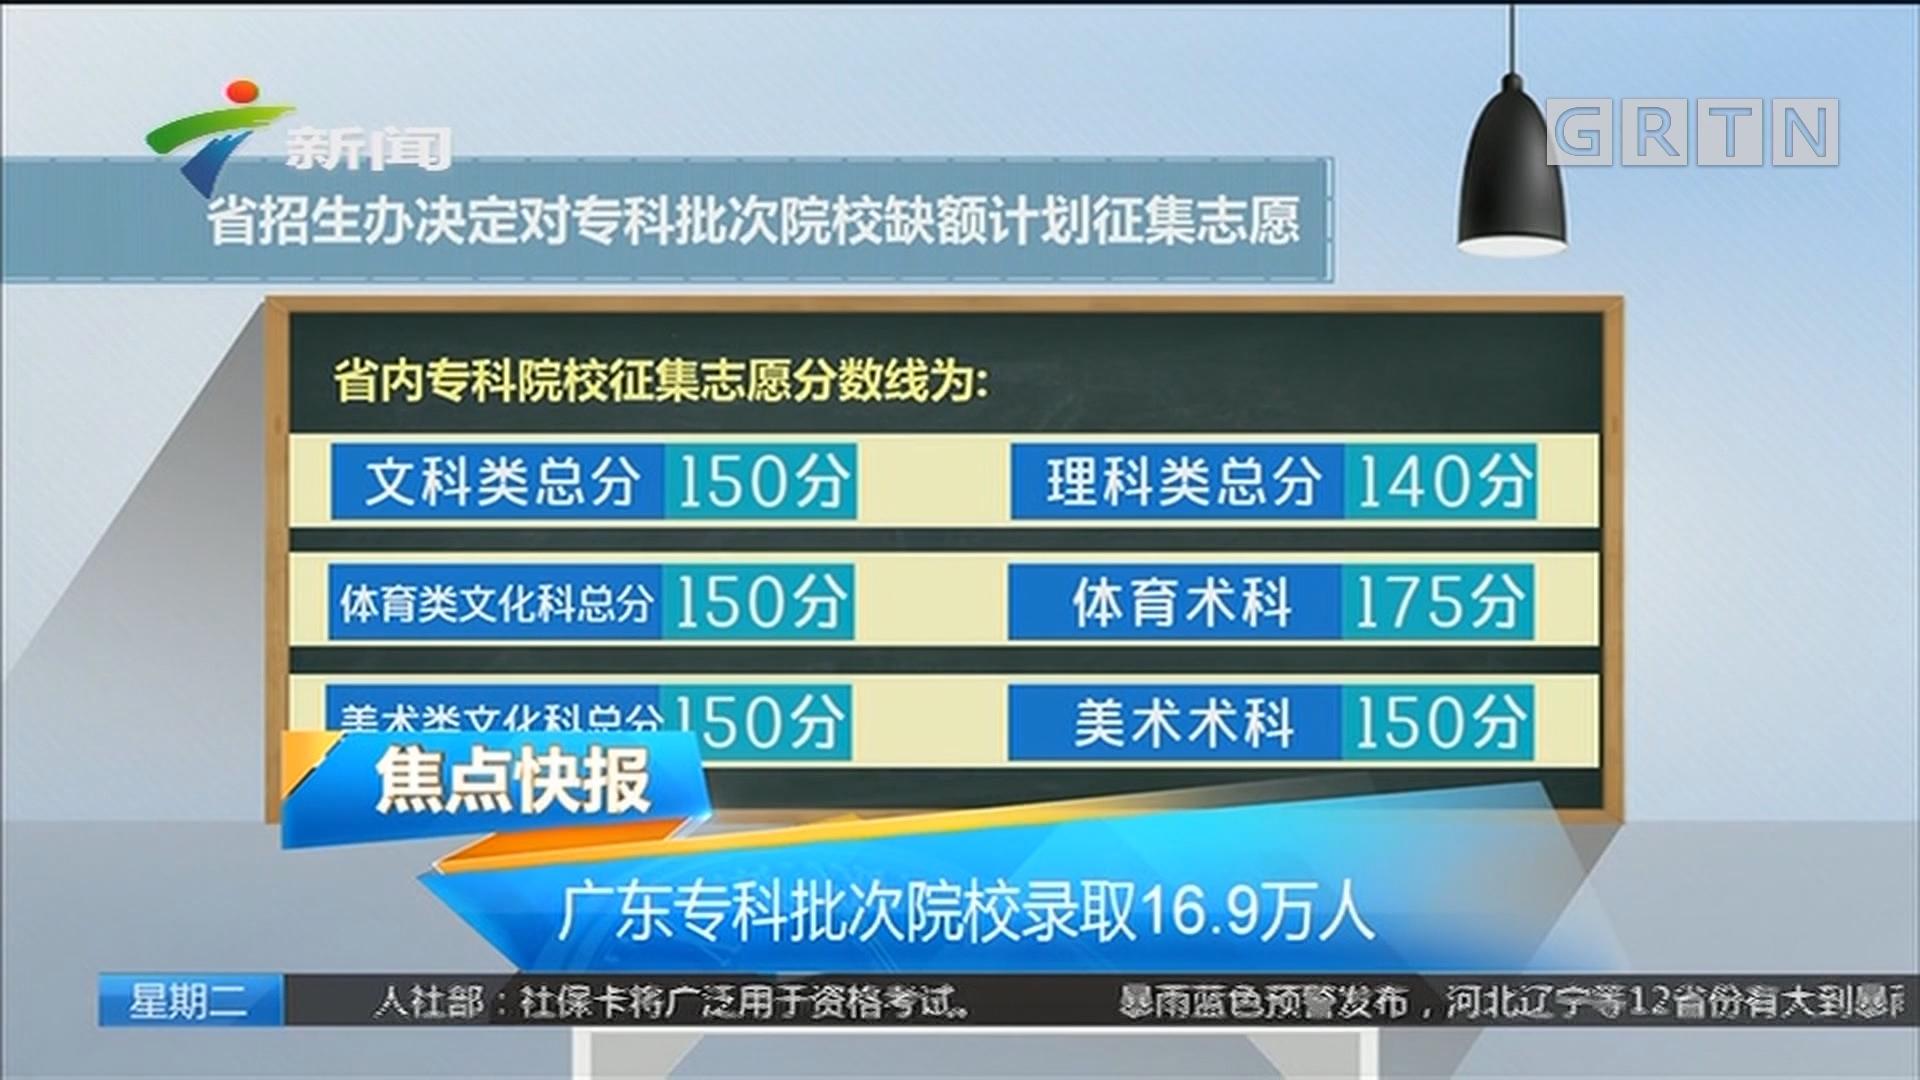 广东专科批次院校录取16.9万人